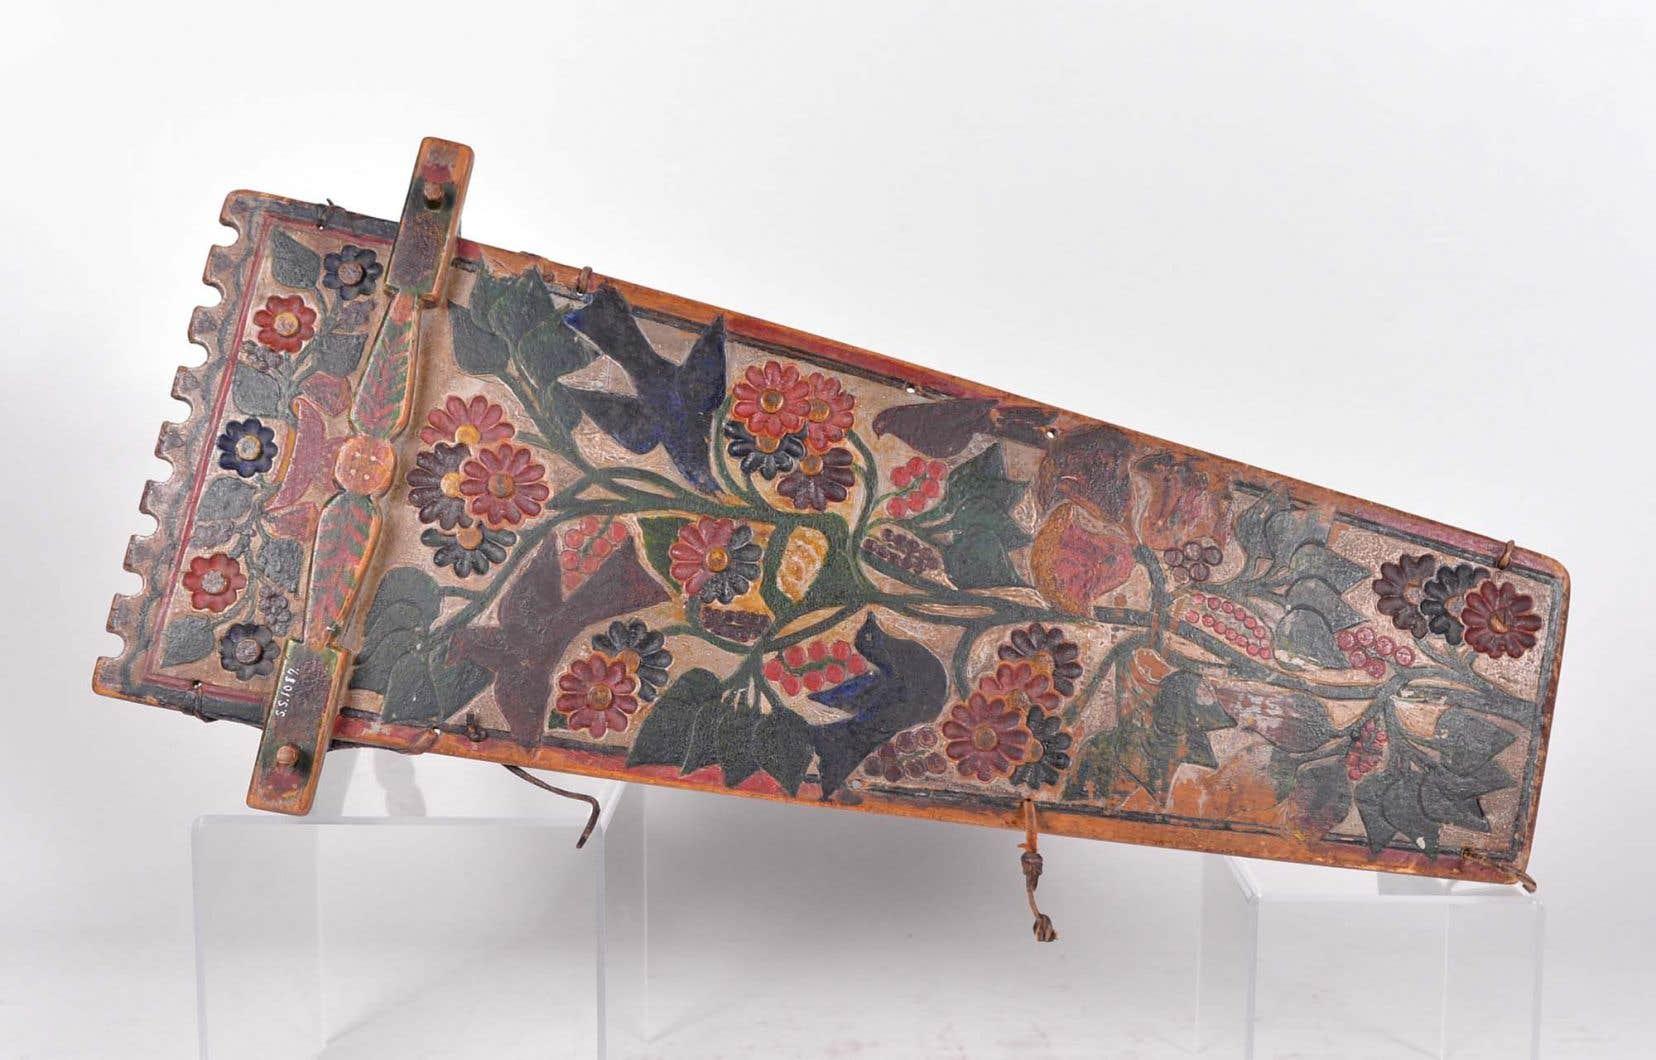 Un tikinagan datant de 1903,  en excellent état.